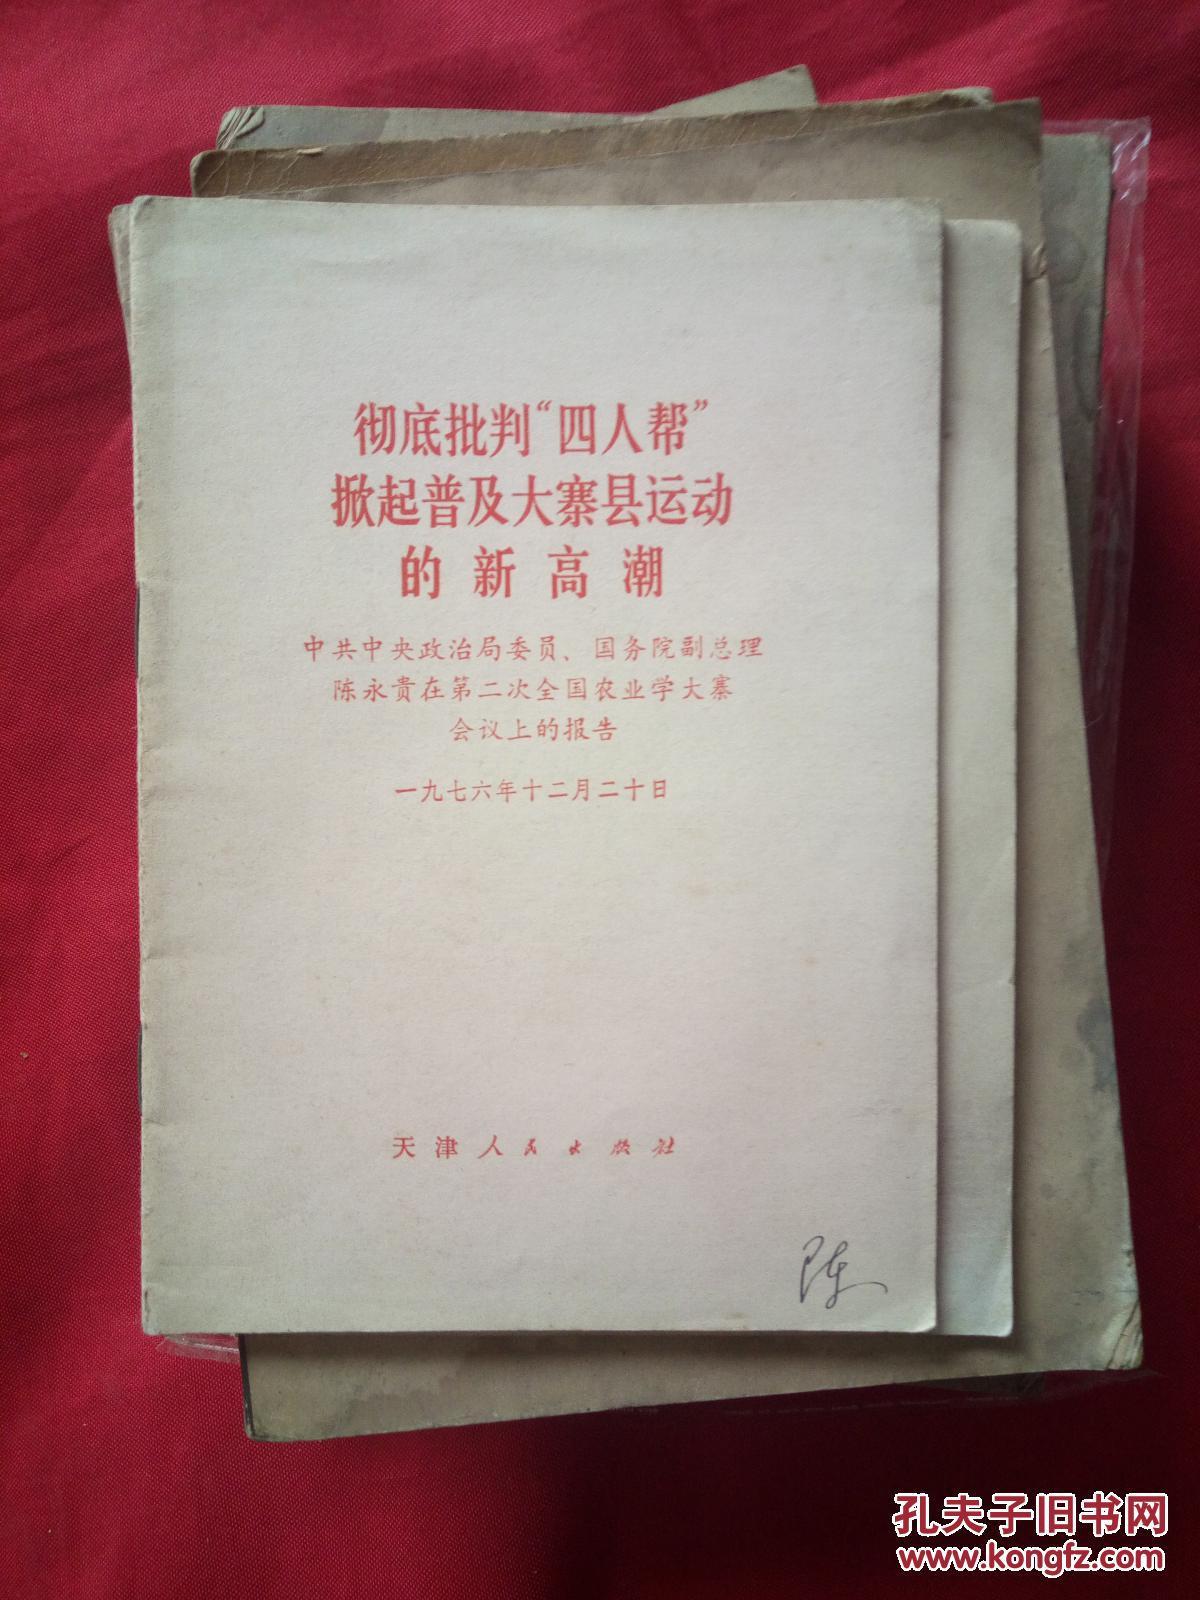 """彻底批判""""四人帮""""掀起普及大寨县运动的新高潮"""